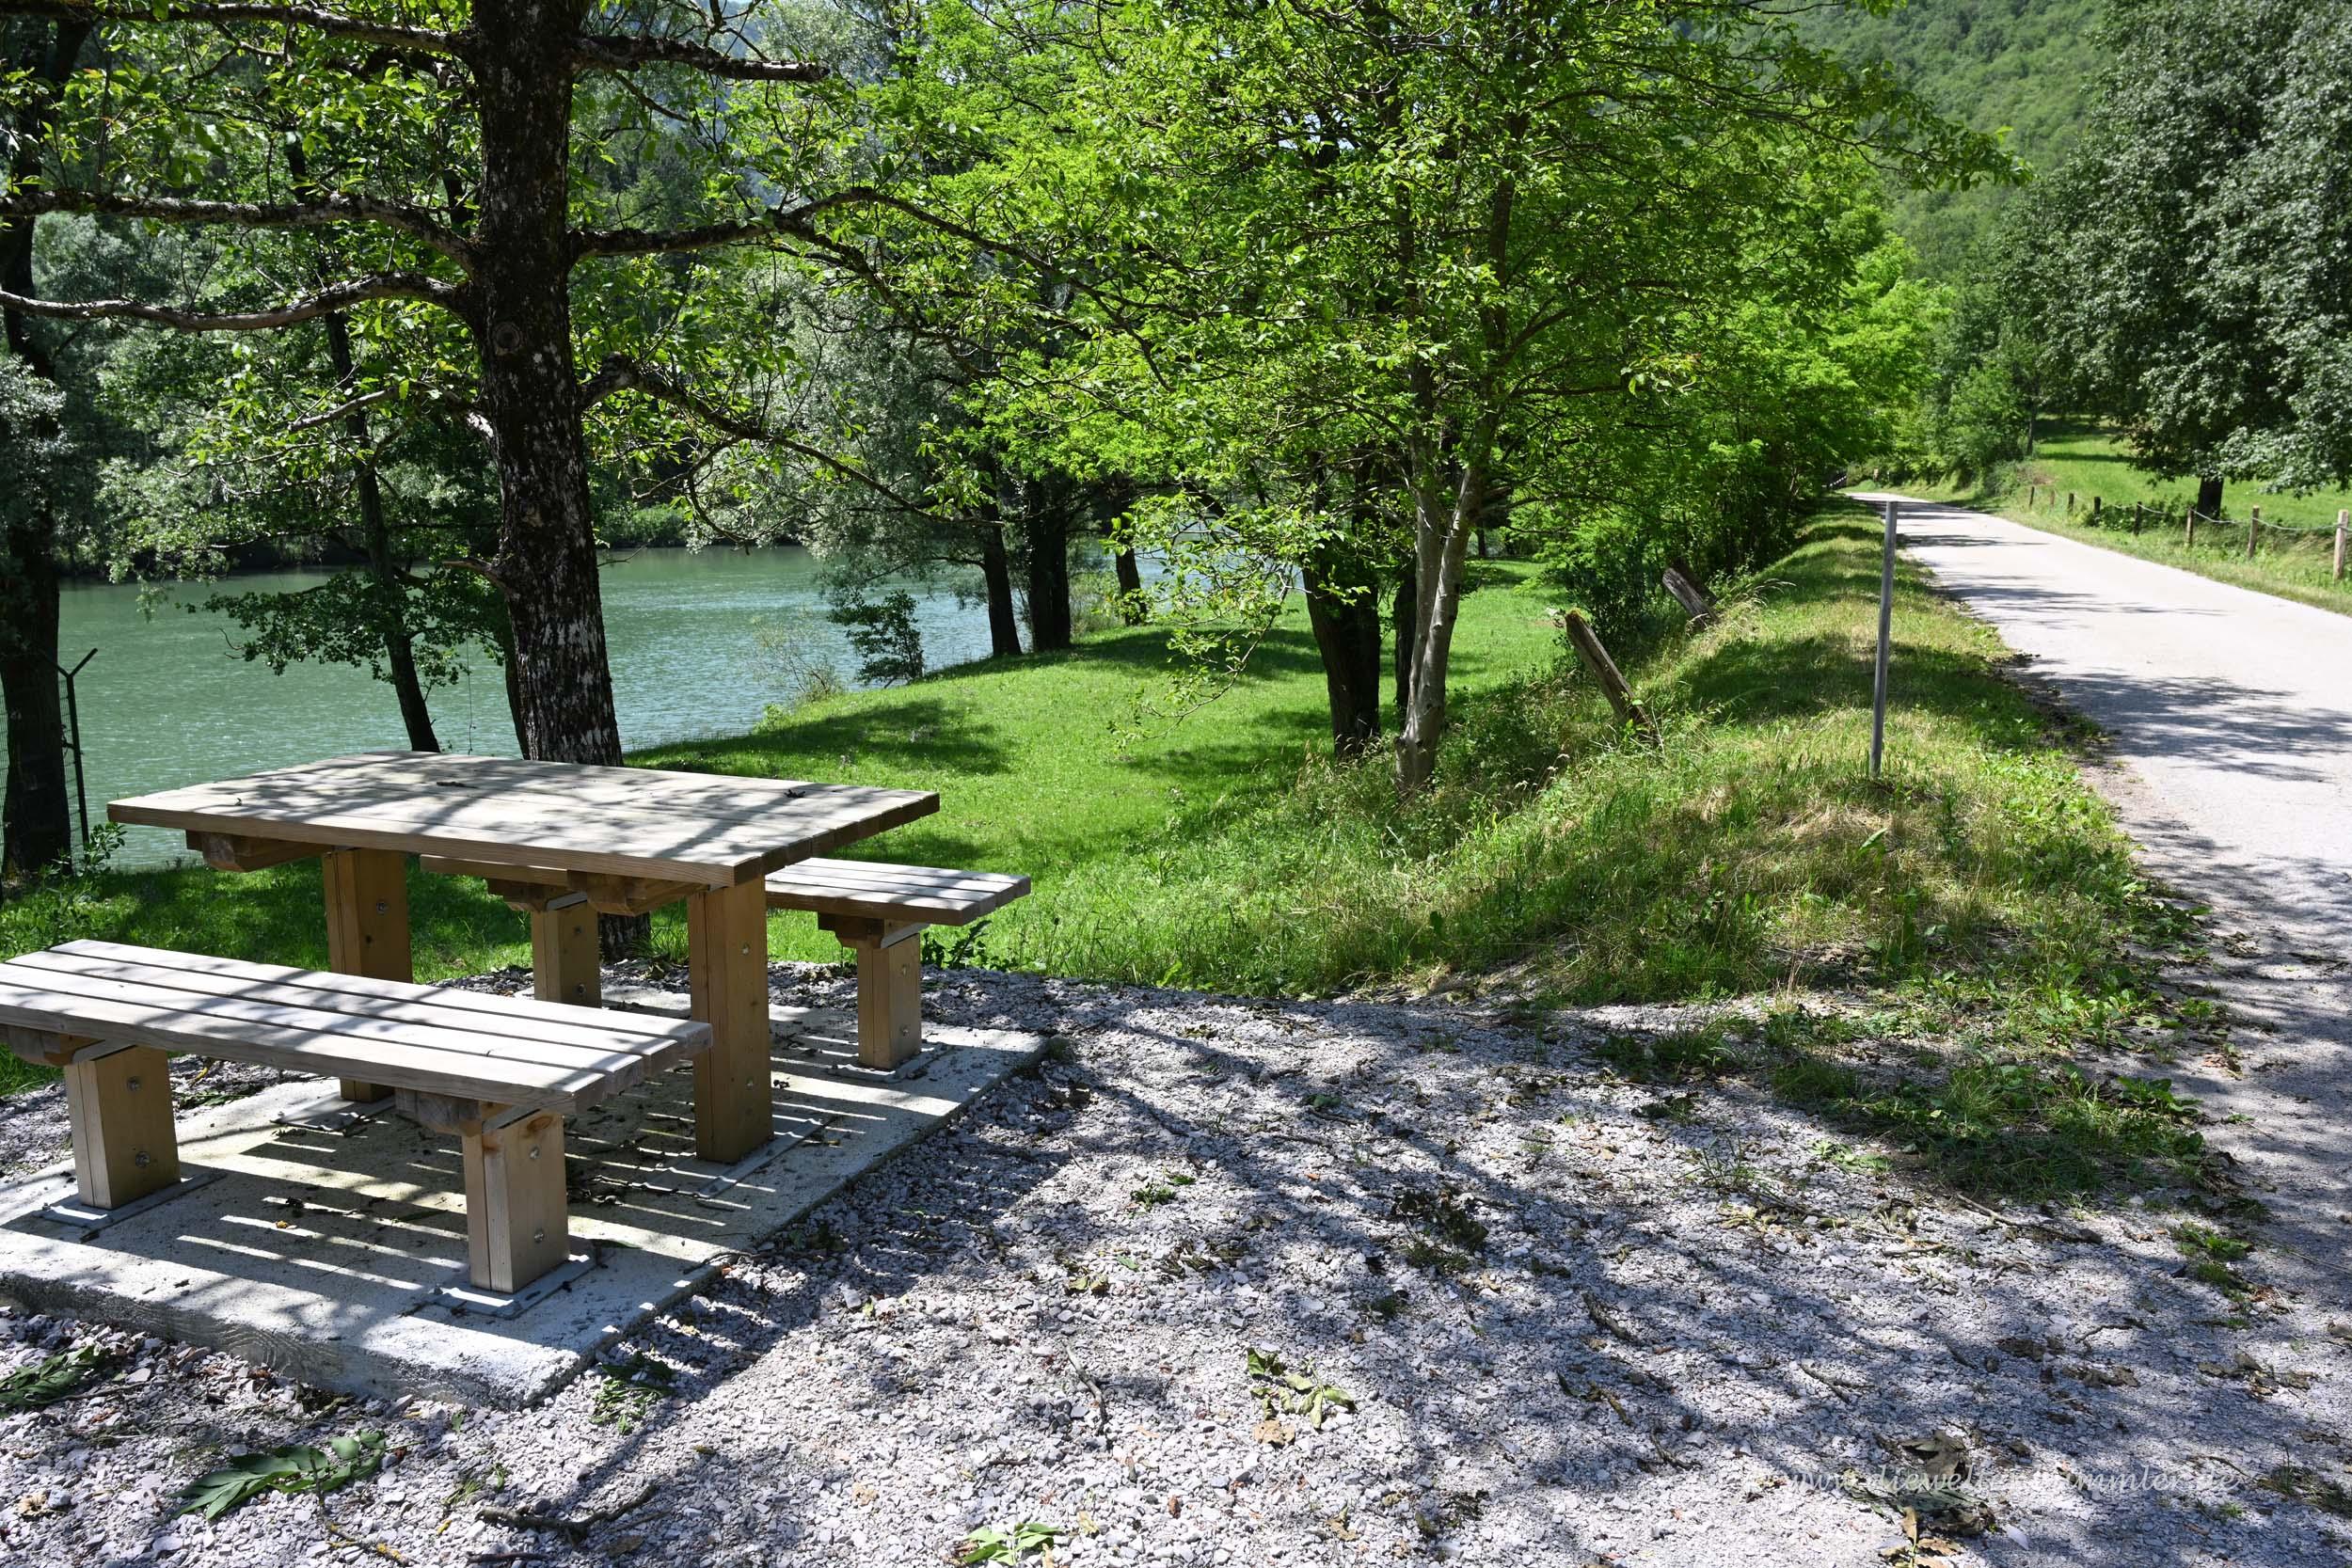 Picknickplatz am Fluss